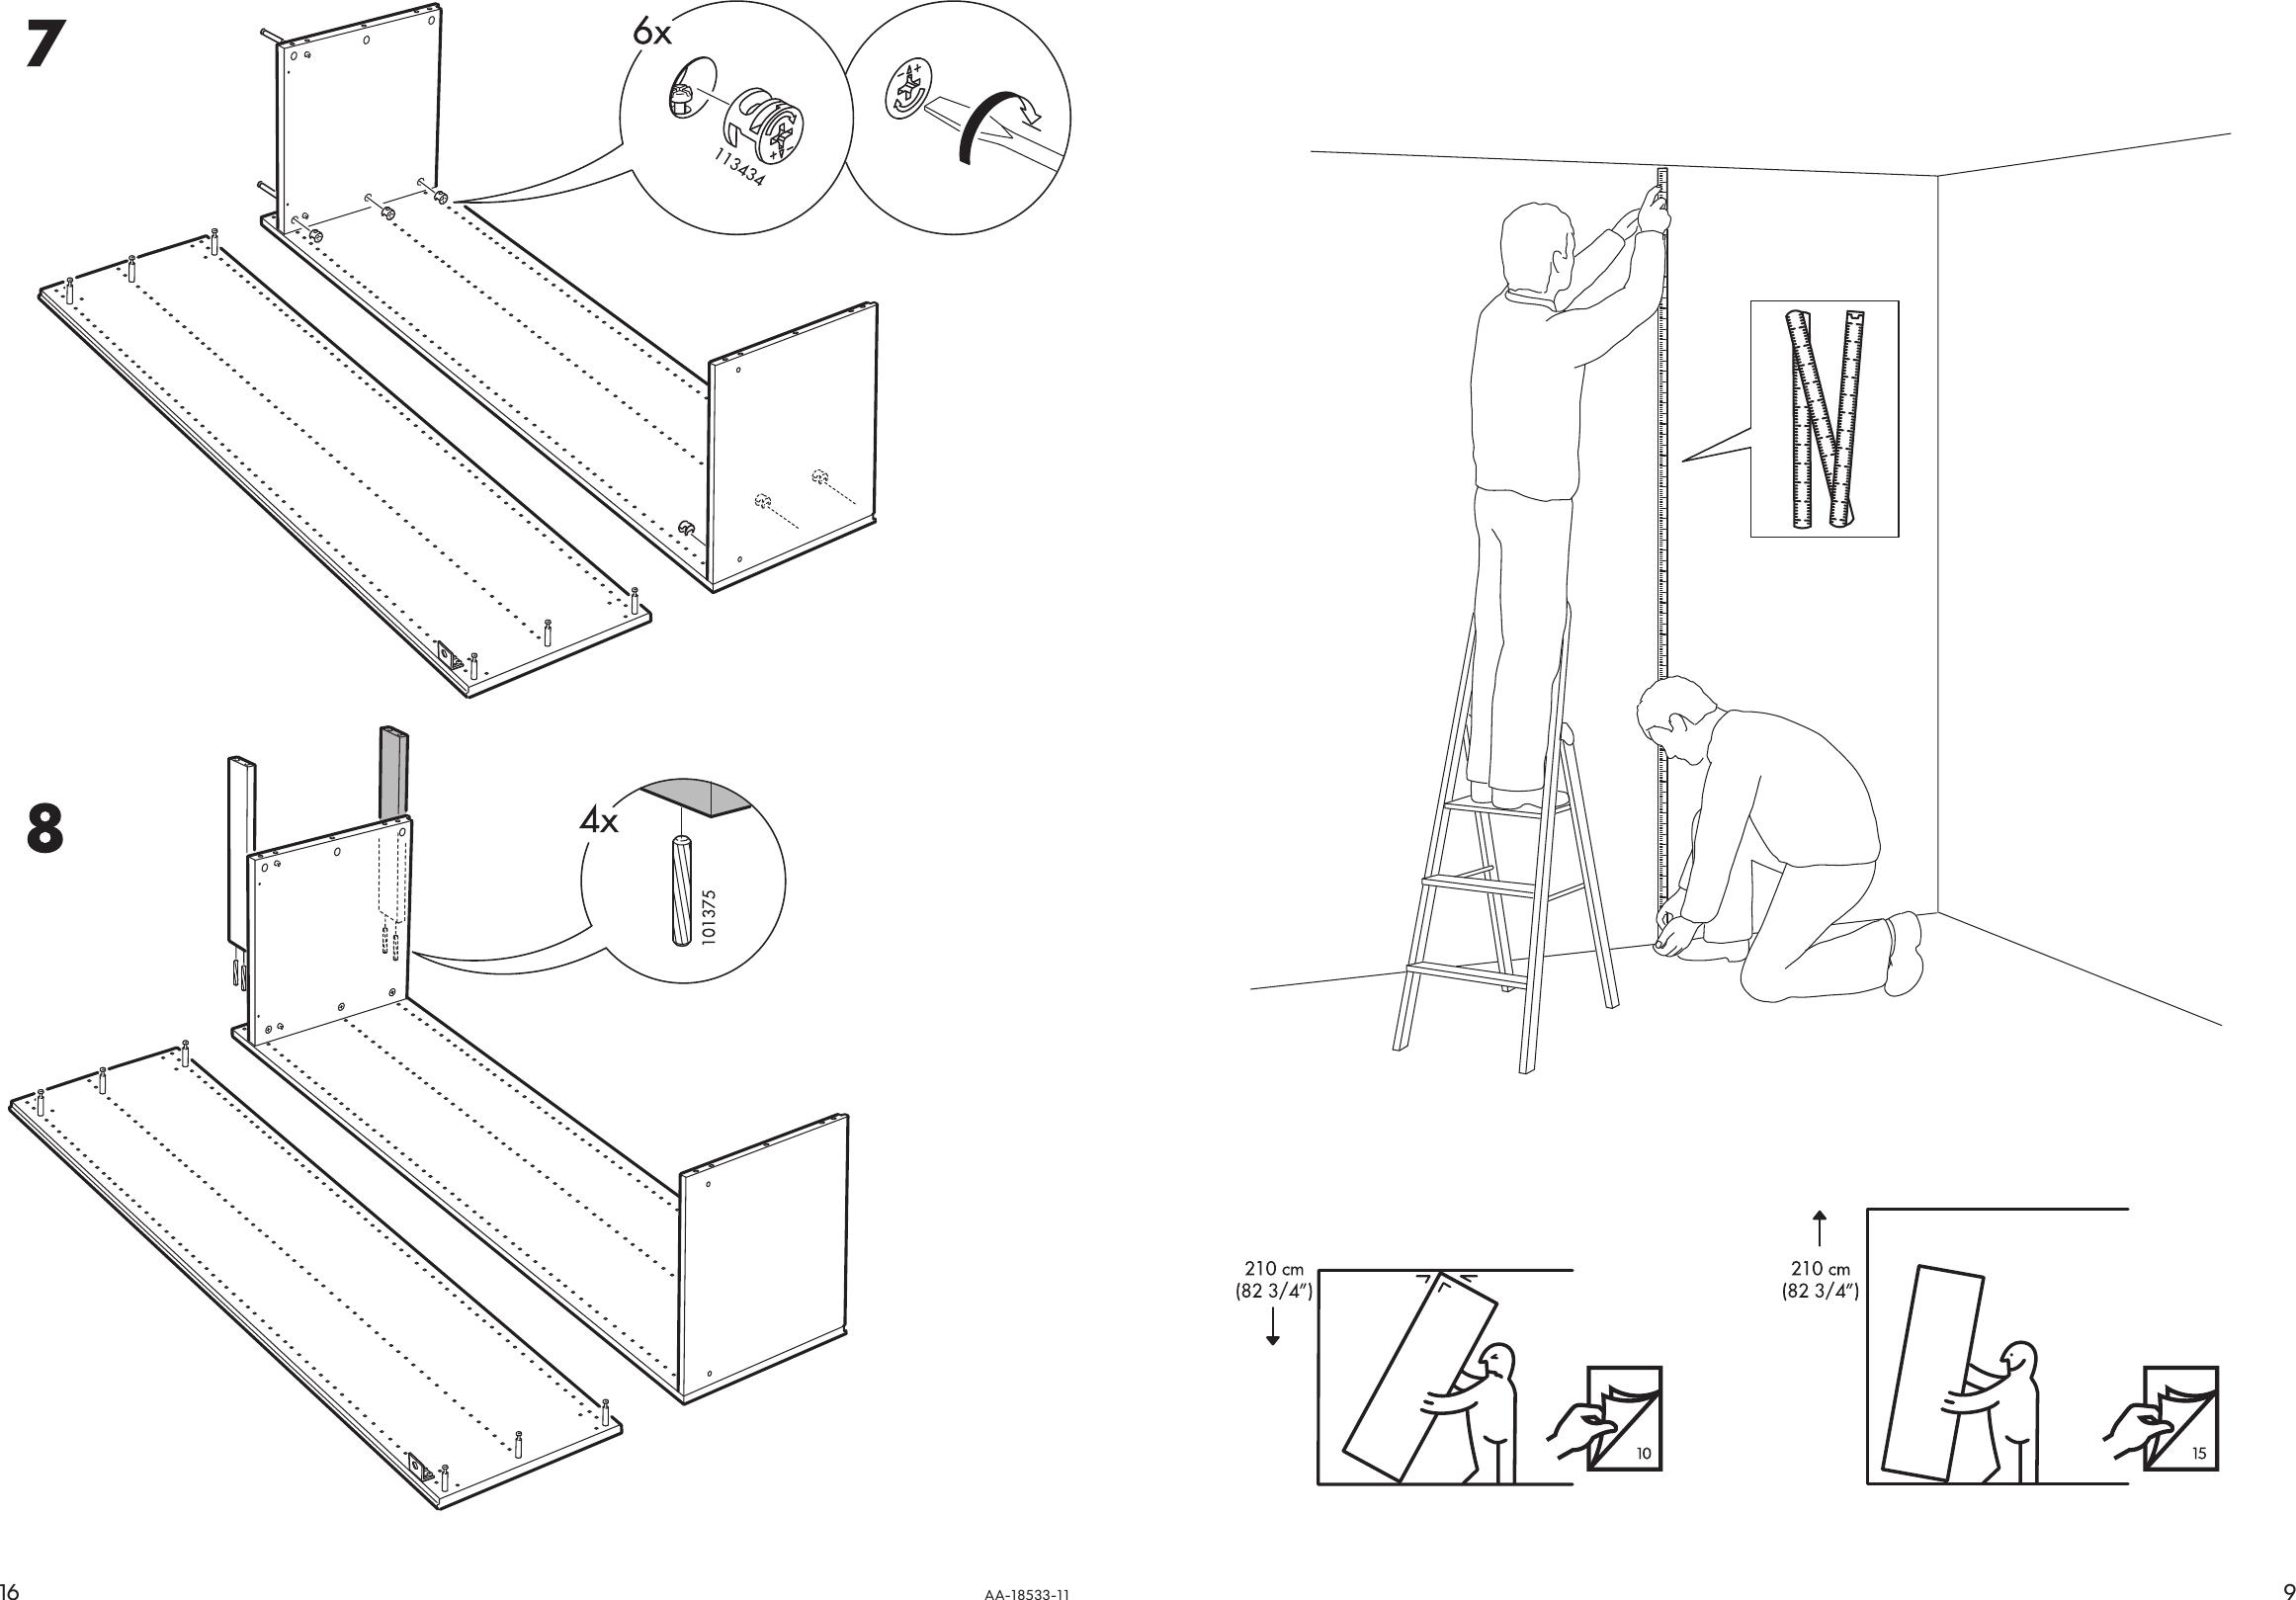 Ikea Pax Wardrobe Frame 30X23X79 Assembly Instruction